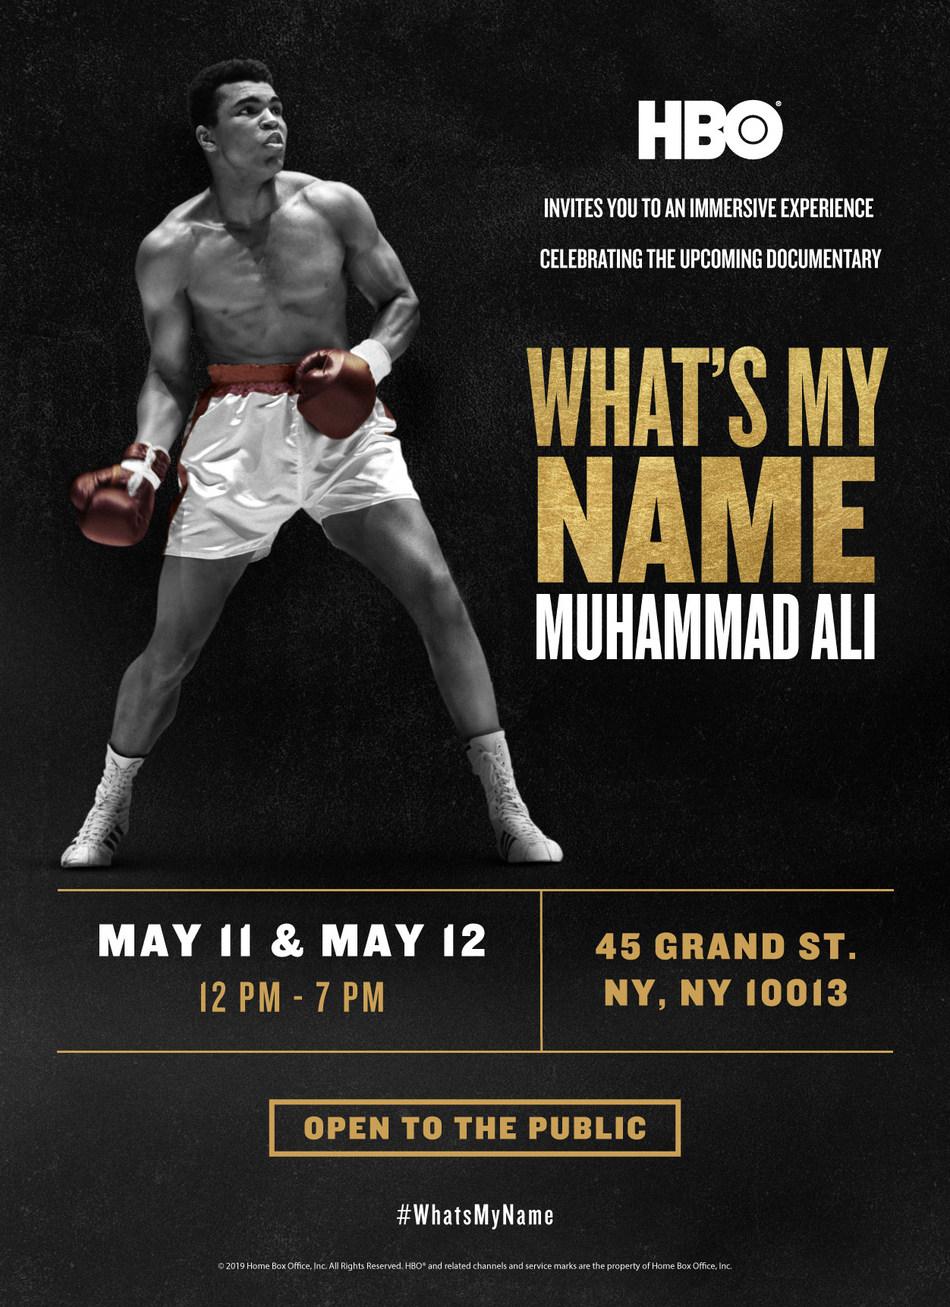 دانلود فیلم Whats My Name Muhammad Ali 2019